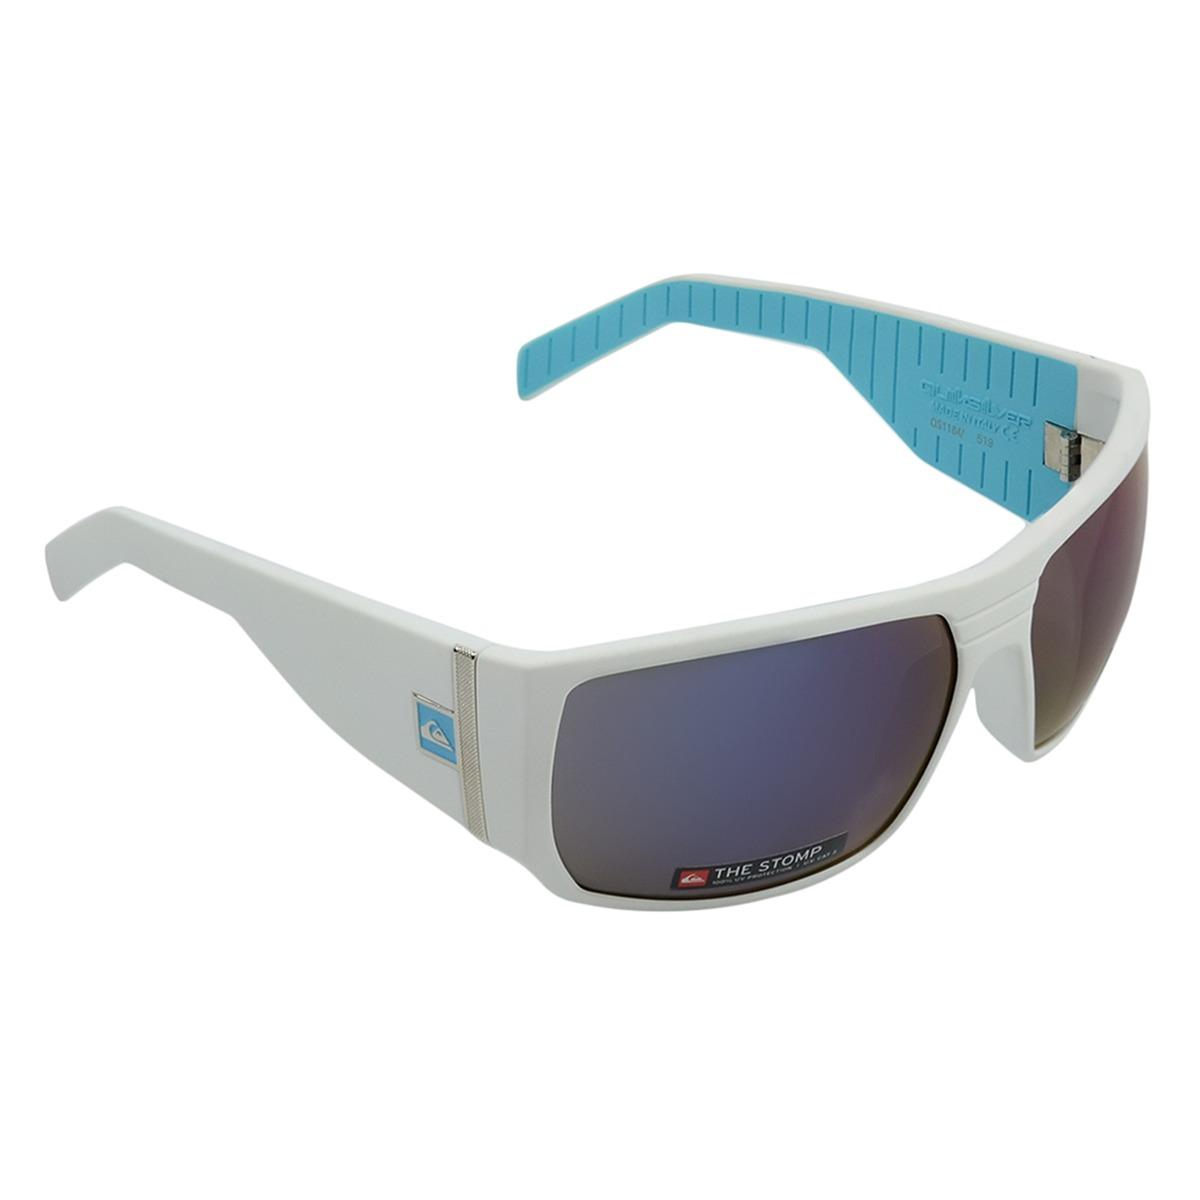 0369216aa46c6 óculos quiksilver the stomp branco. Carregando zoom.